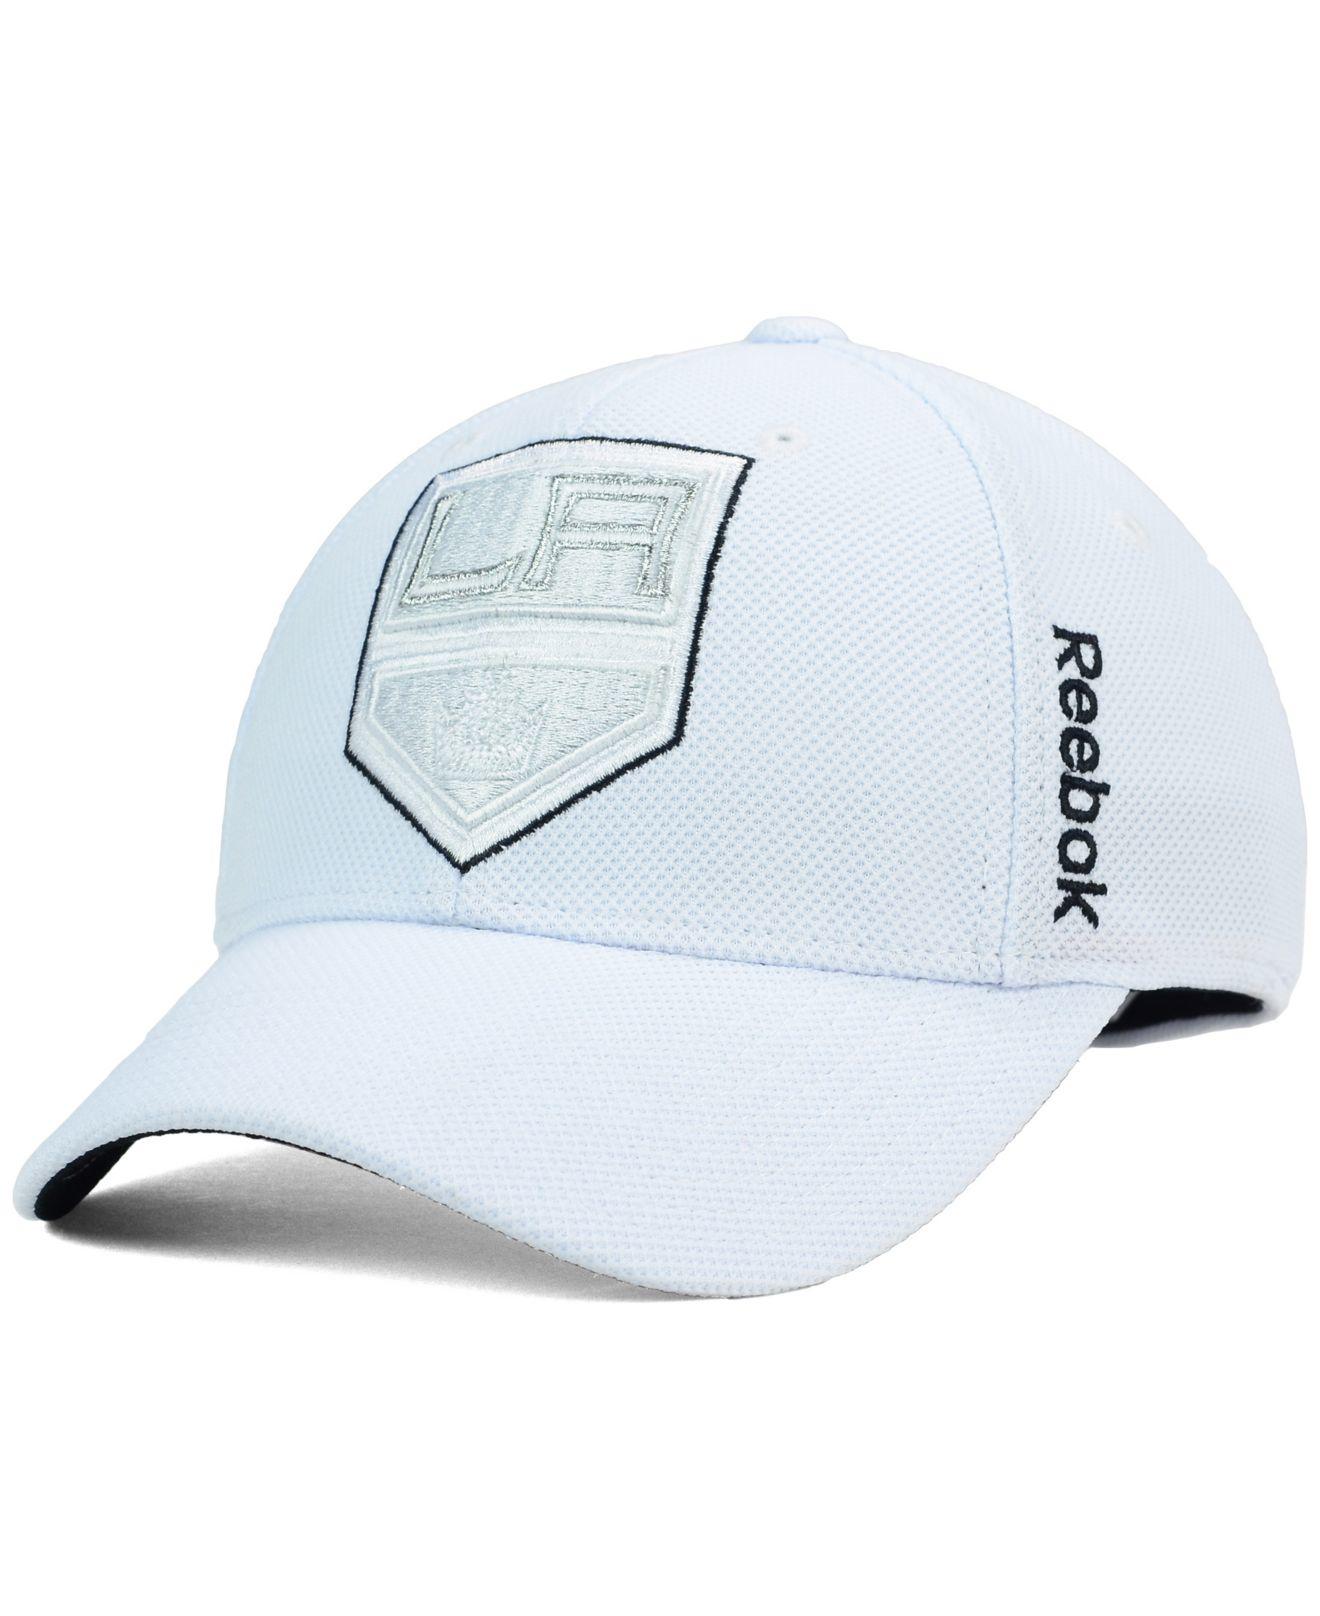 low priced 35aa4 3d40c Lyst - Reebok Los Angeles Kings 2nd Season Flex Cap in White for Men